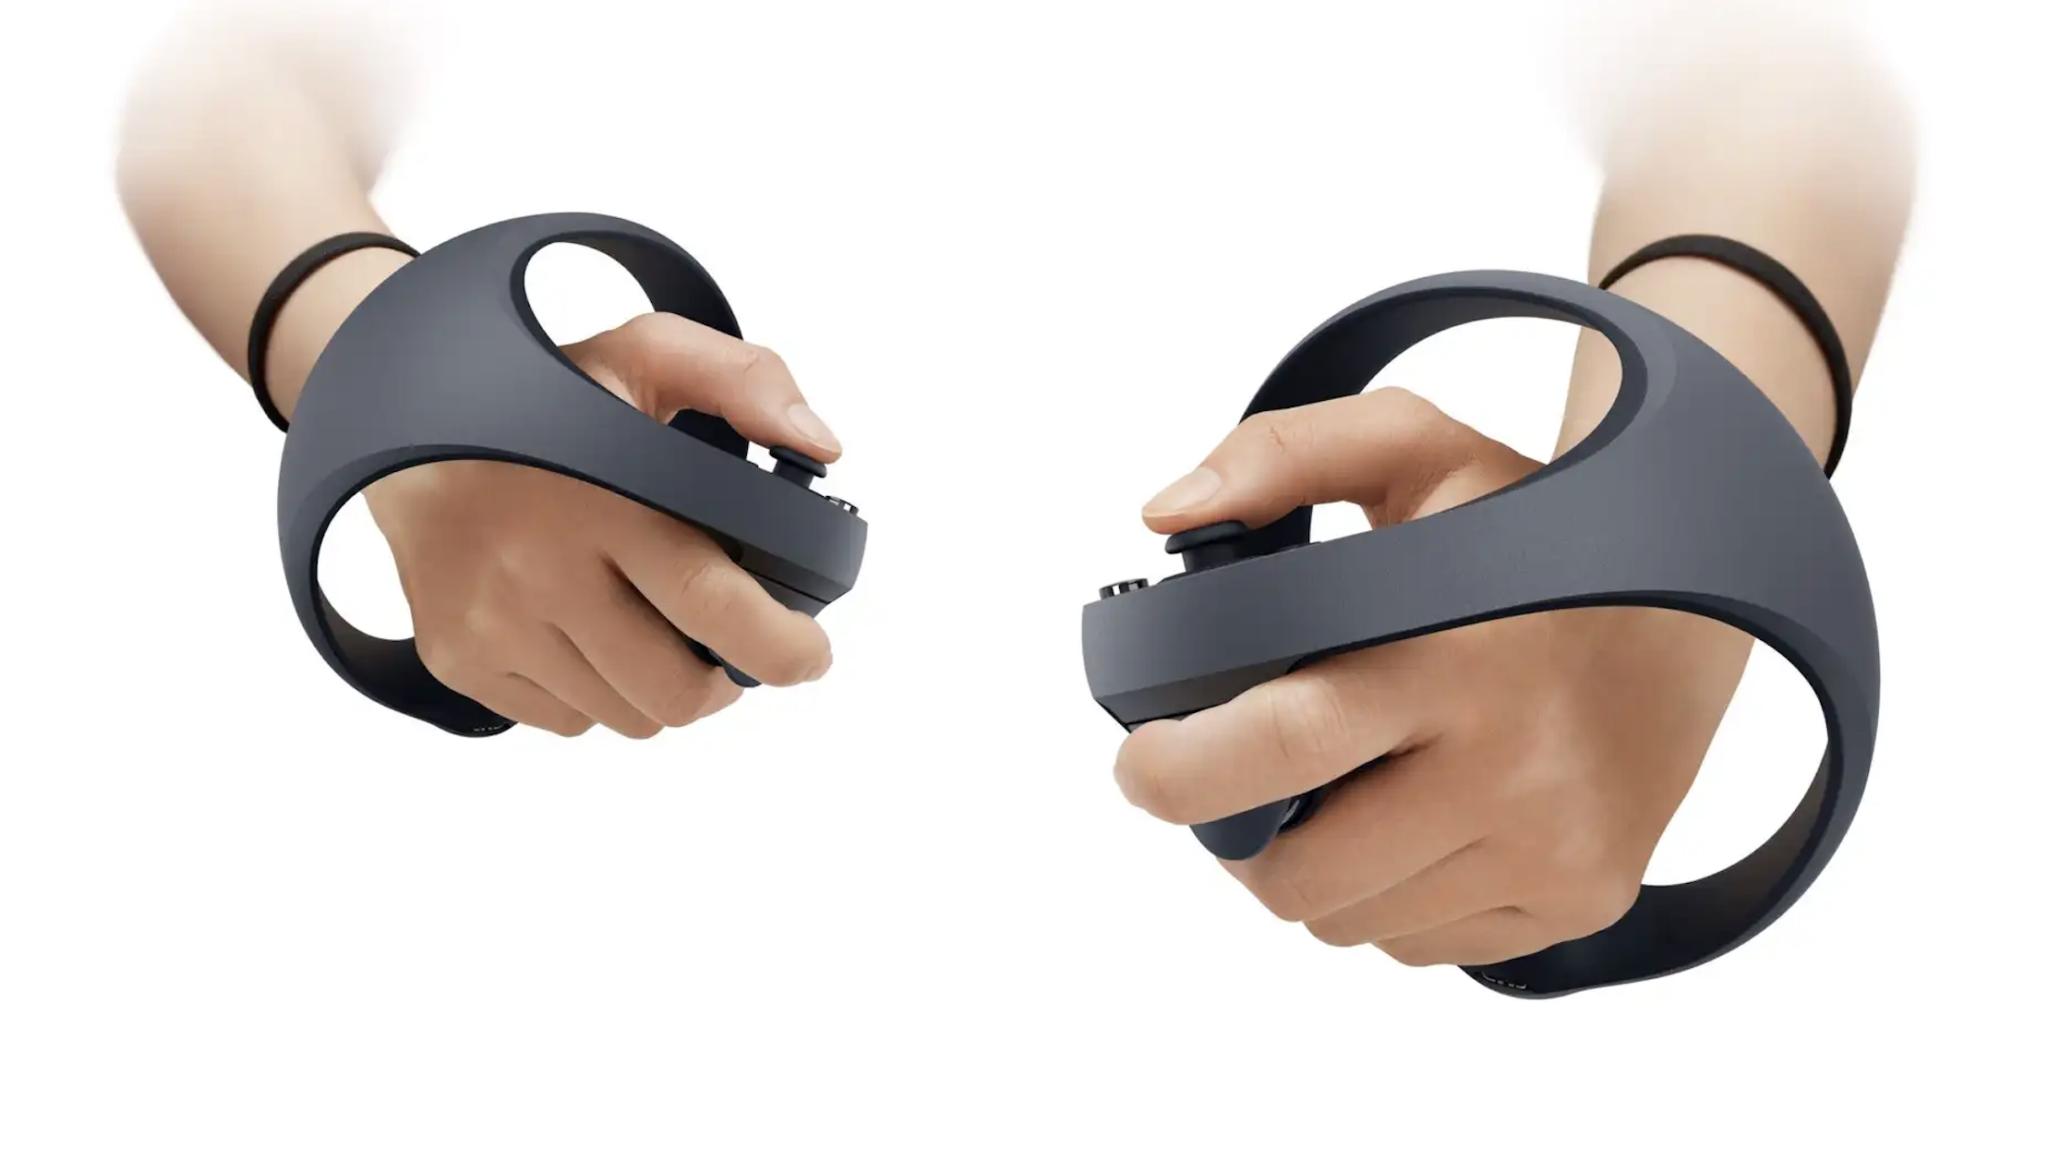 Come saranno i nuovi controller VR per la PS5